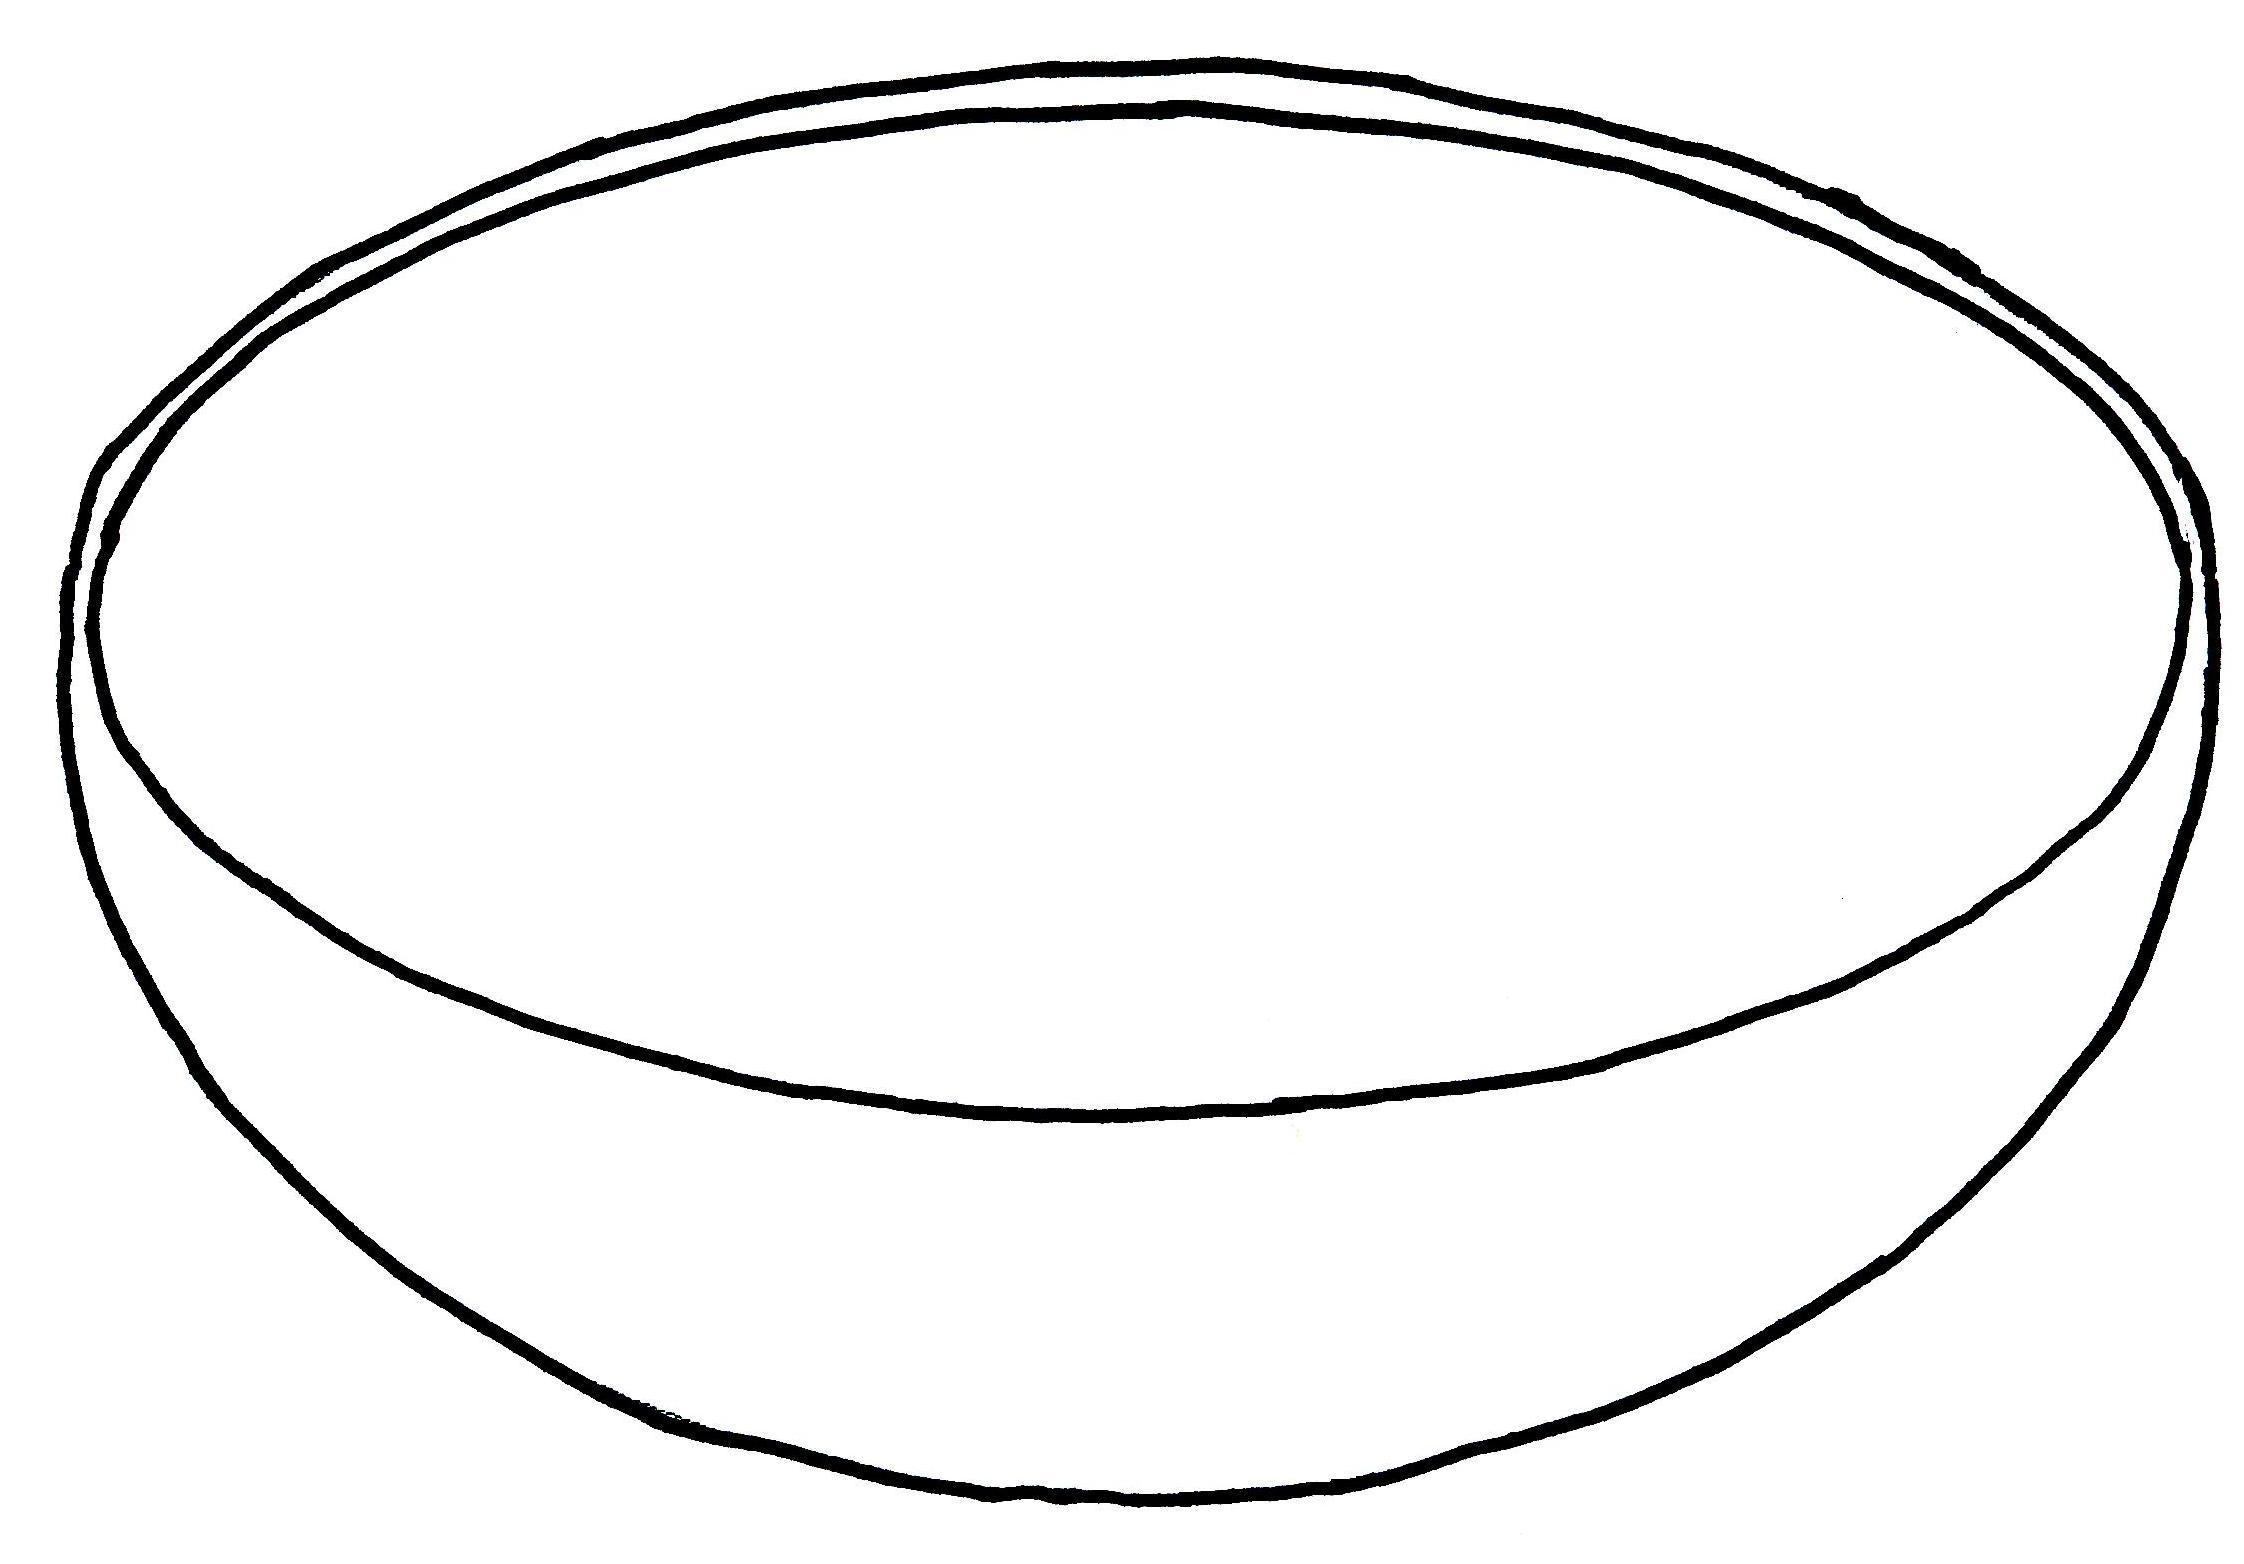 Basket Outline